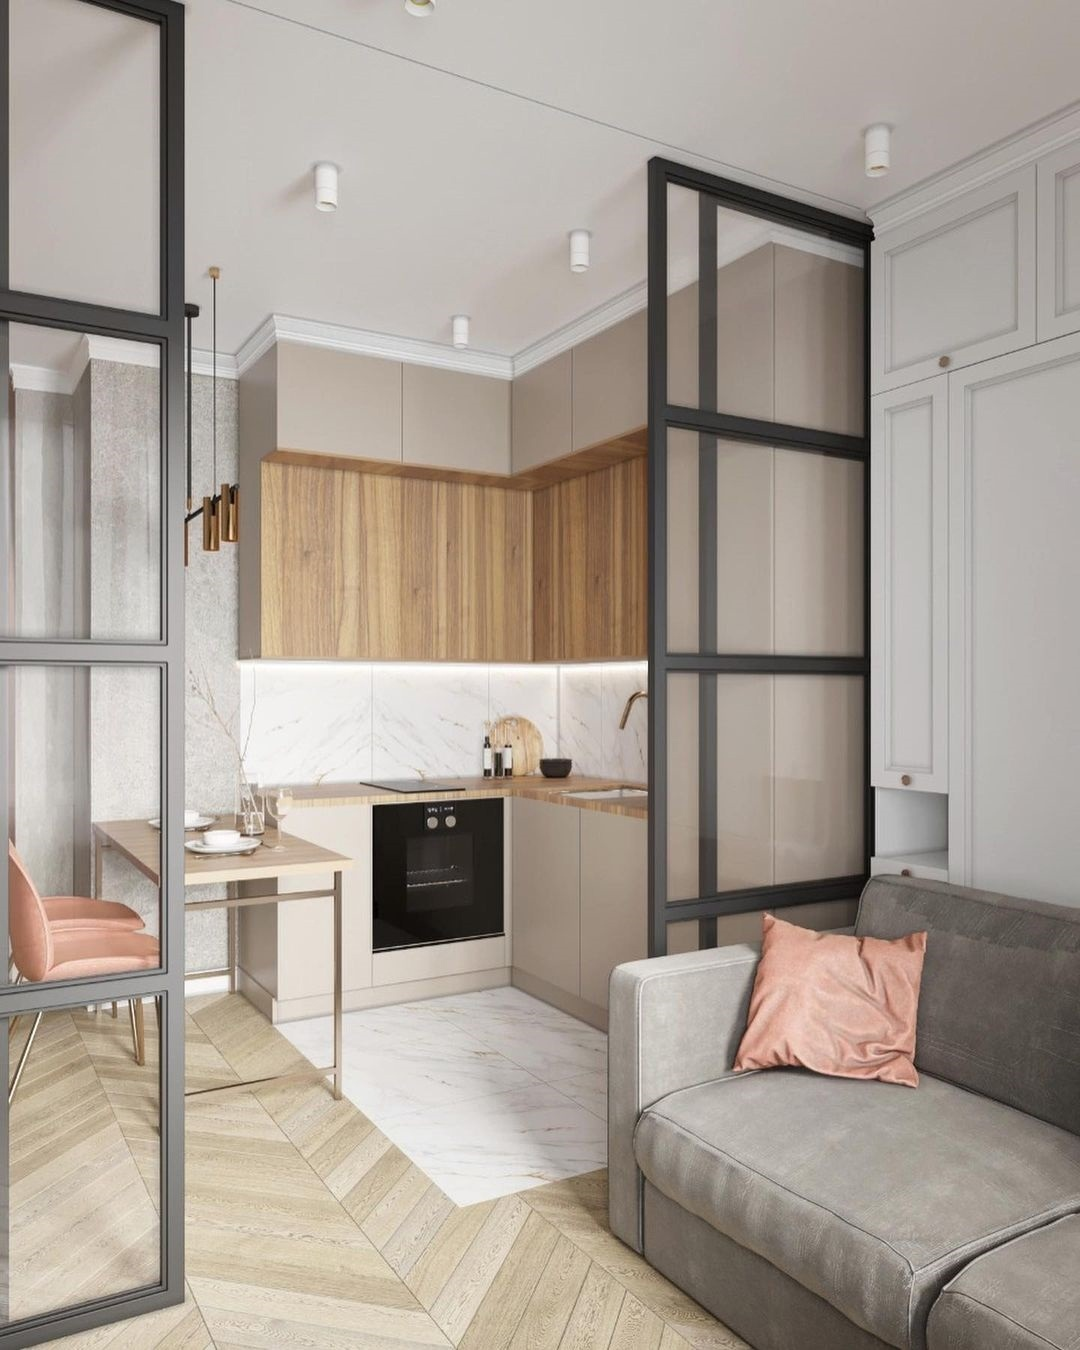 Проект квартиры-студии 24 кв.